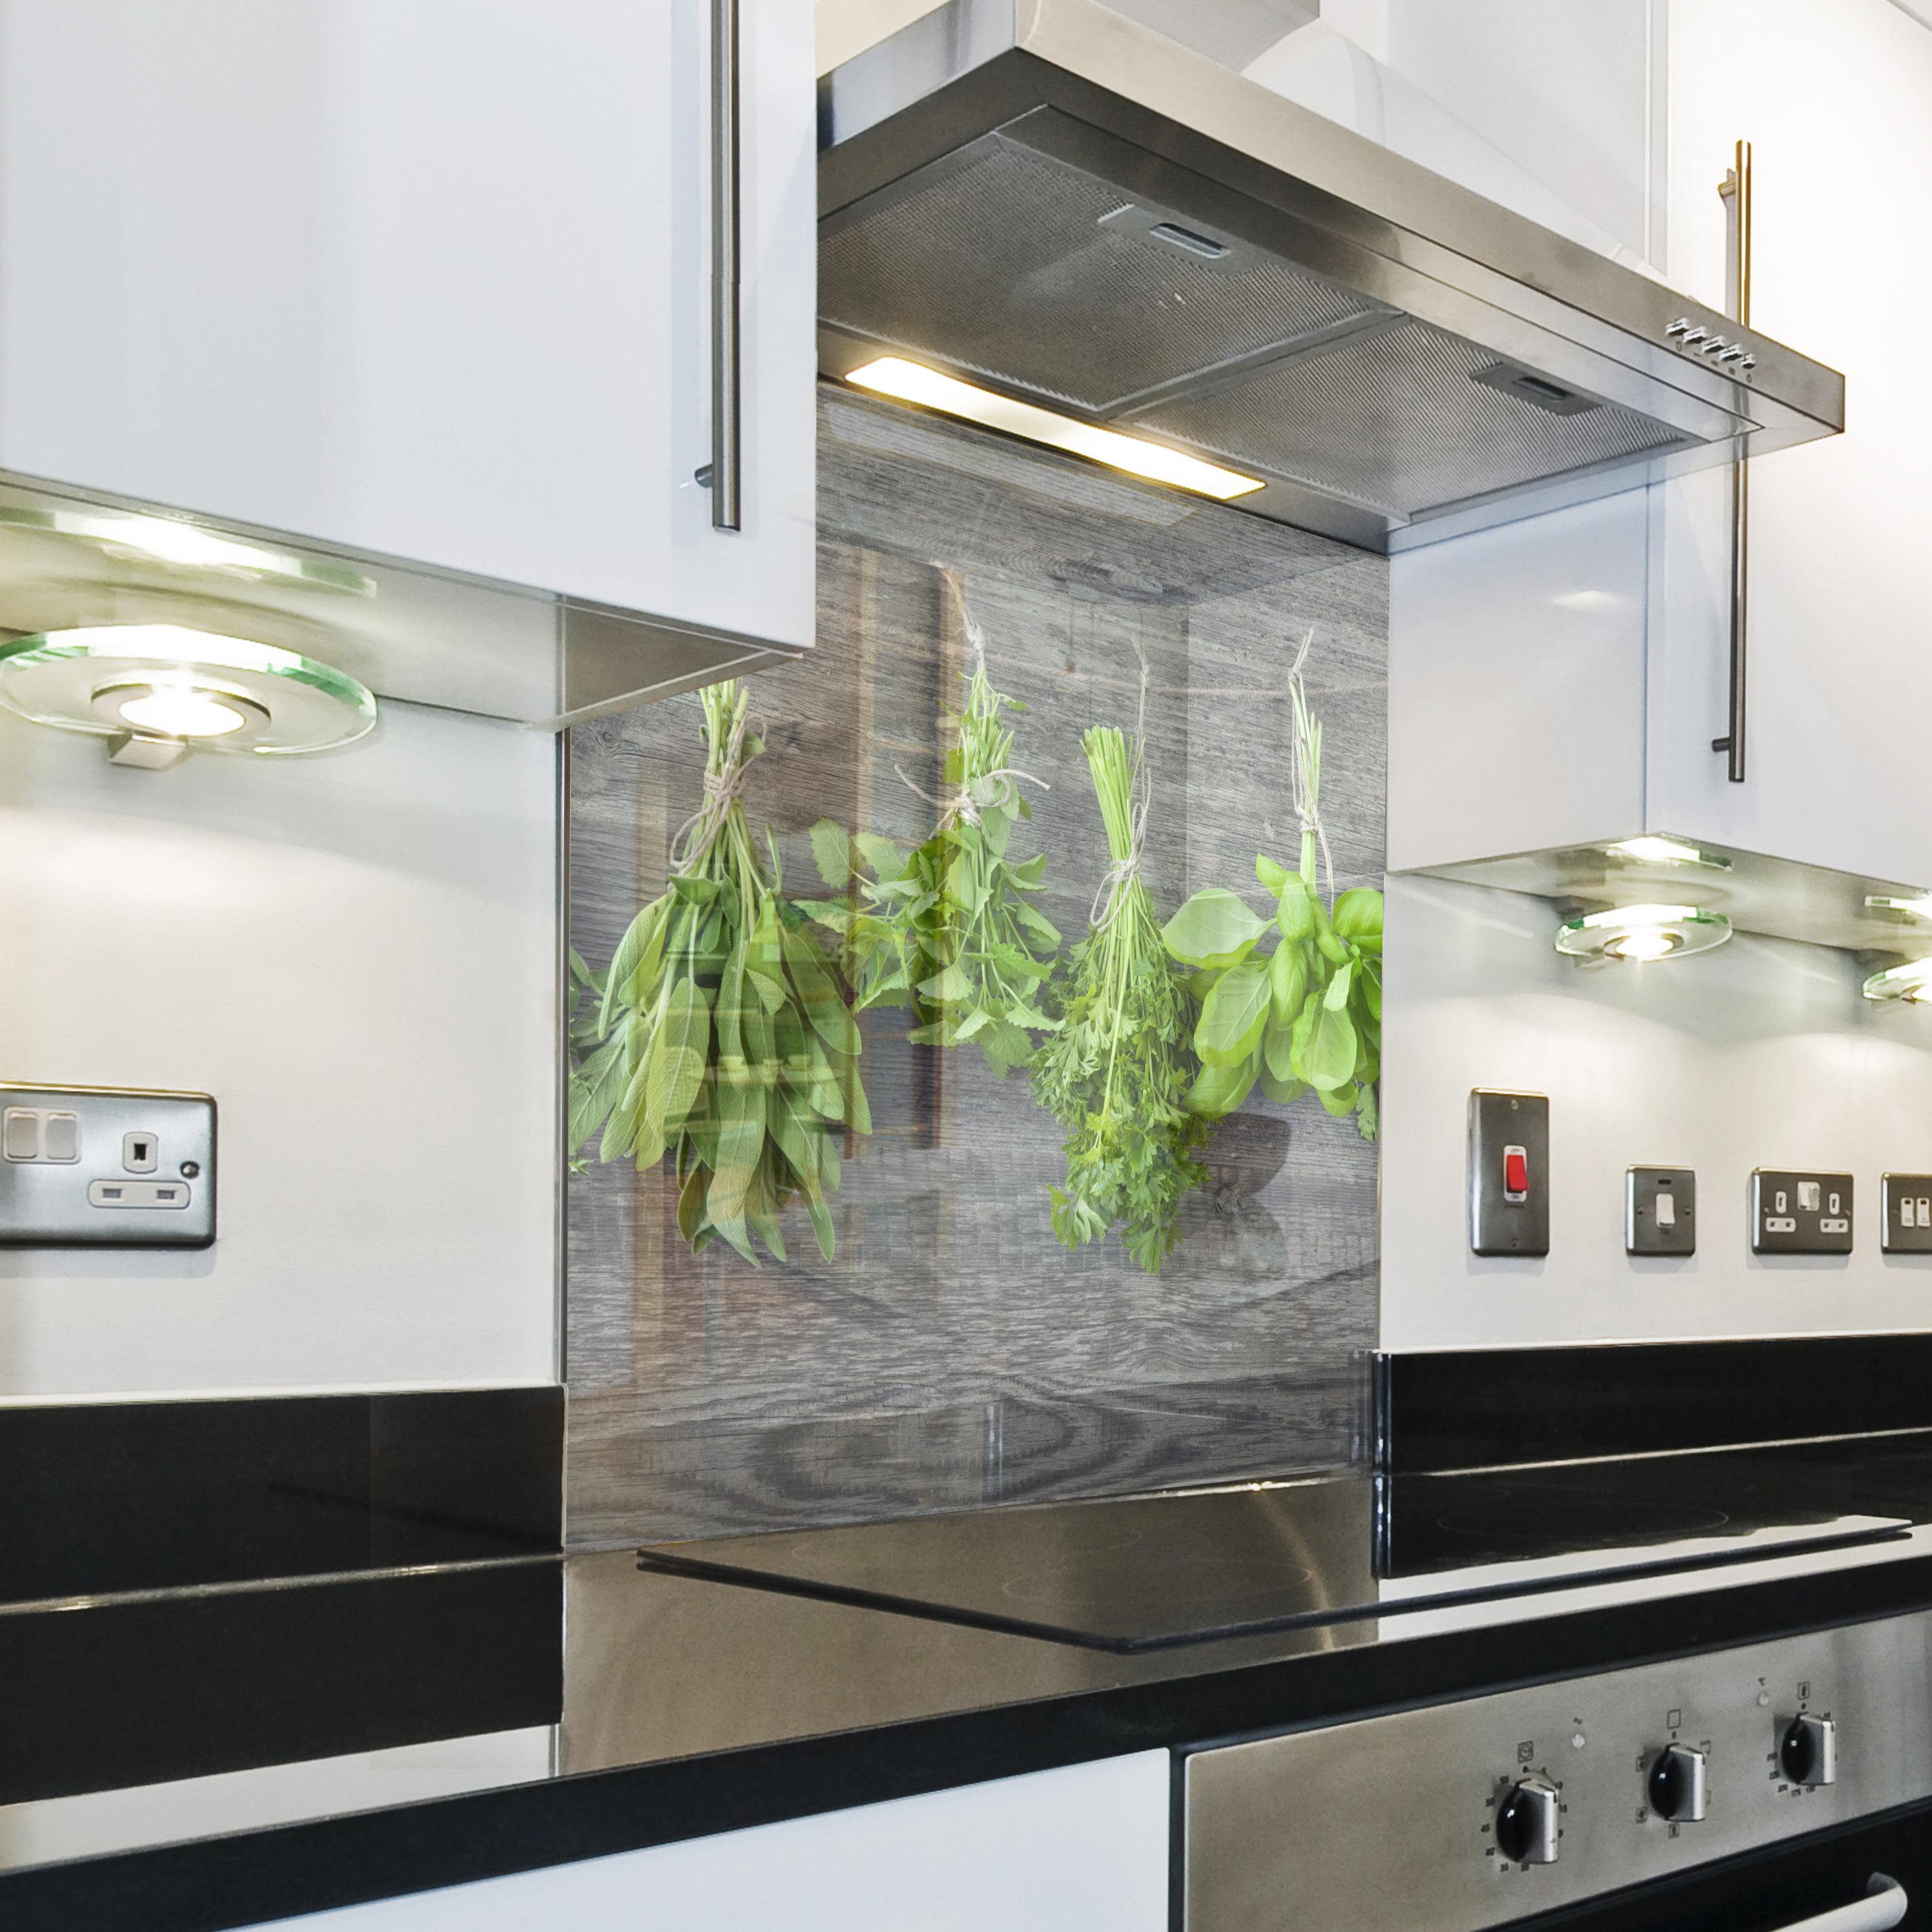 k chenr ckwand spritzschutz k che geh rtetes glas salbei rosmarin grau ebay. Black Bedroom Furniture Sets. Home Design Ideas